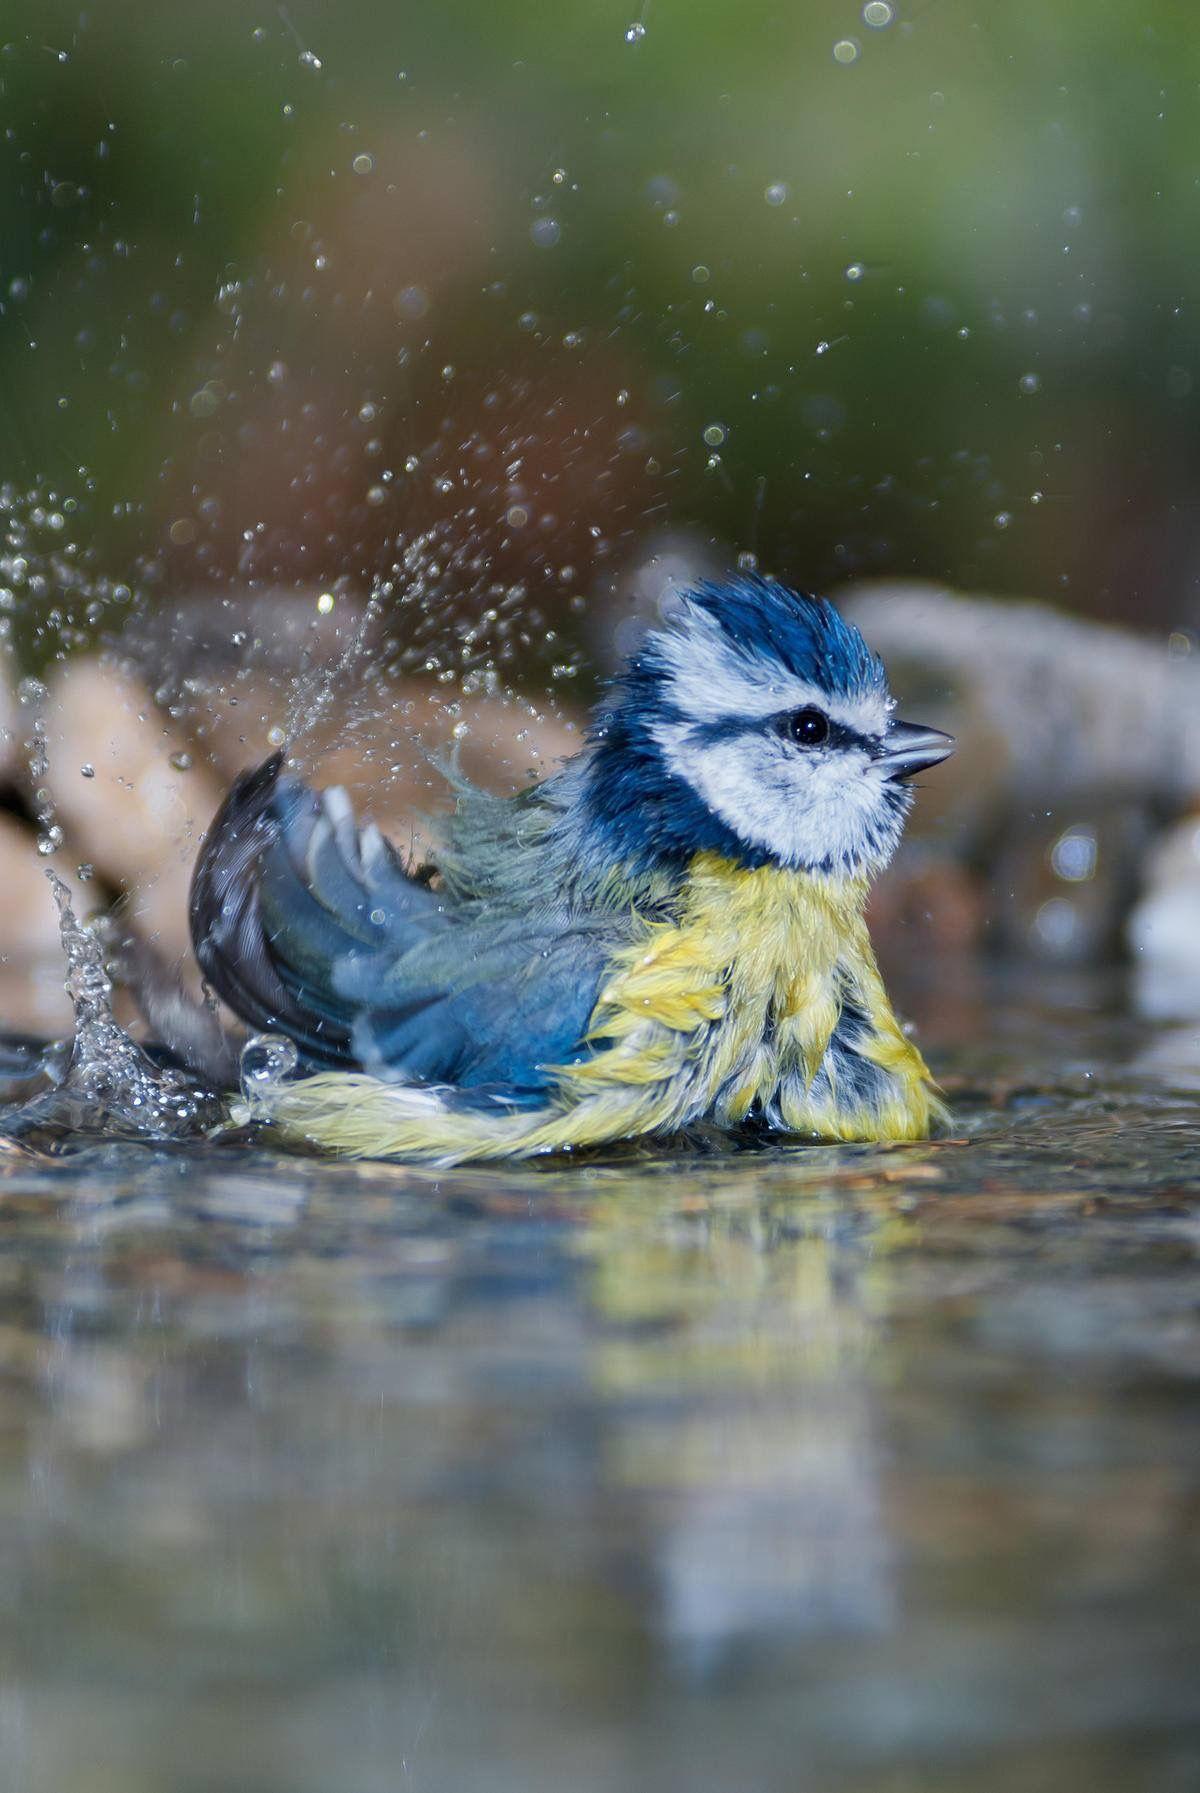 Bird bath shake a tail feather vogels schattige